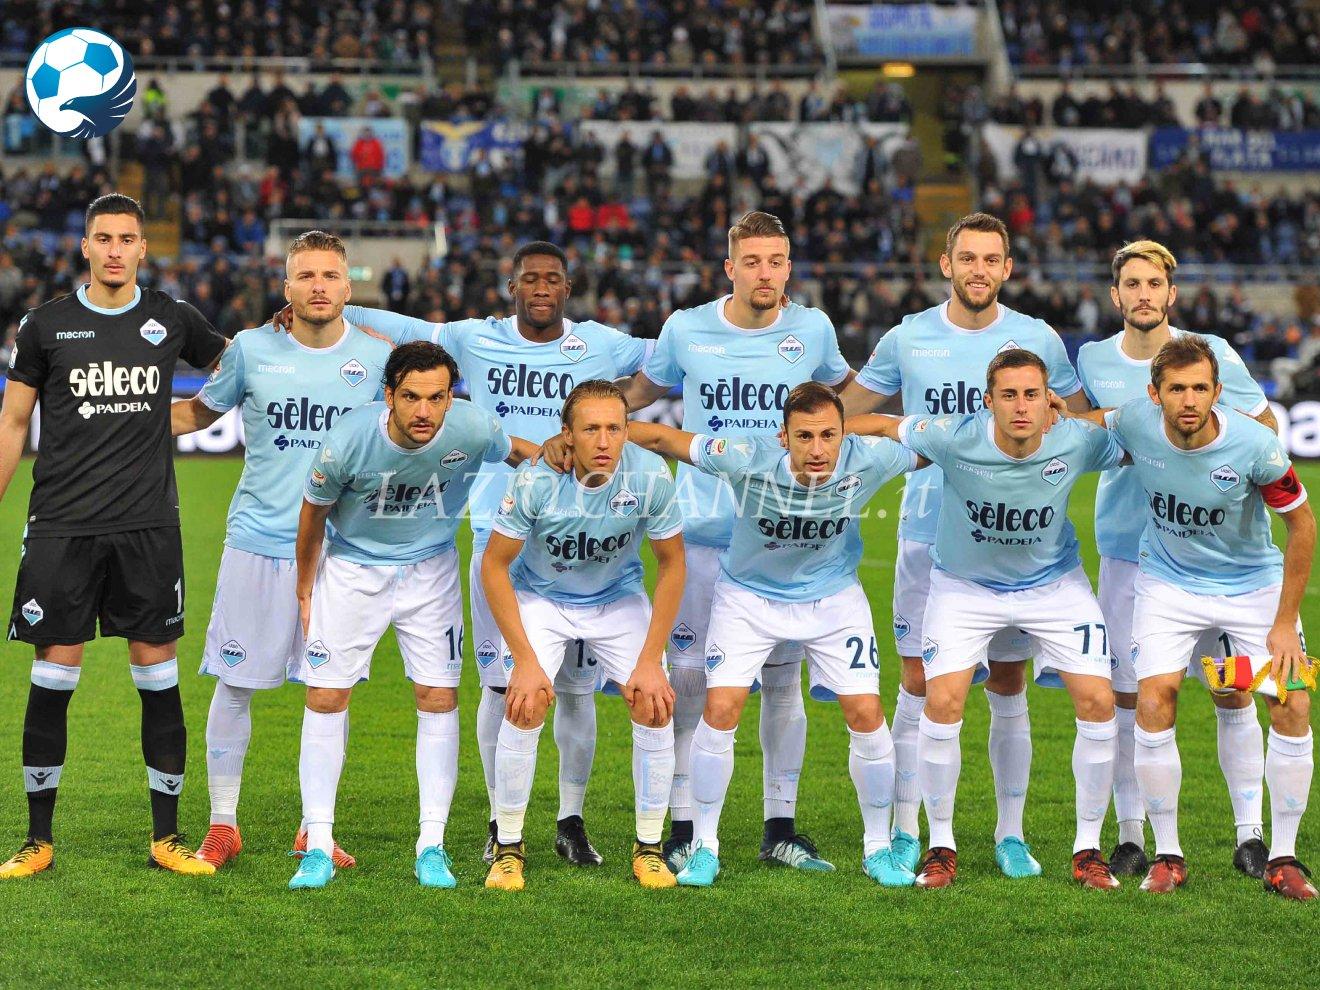 Formazione Lazio Fiorentina